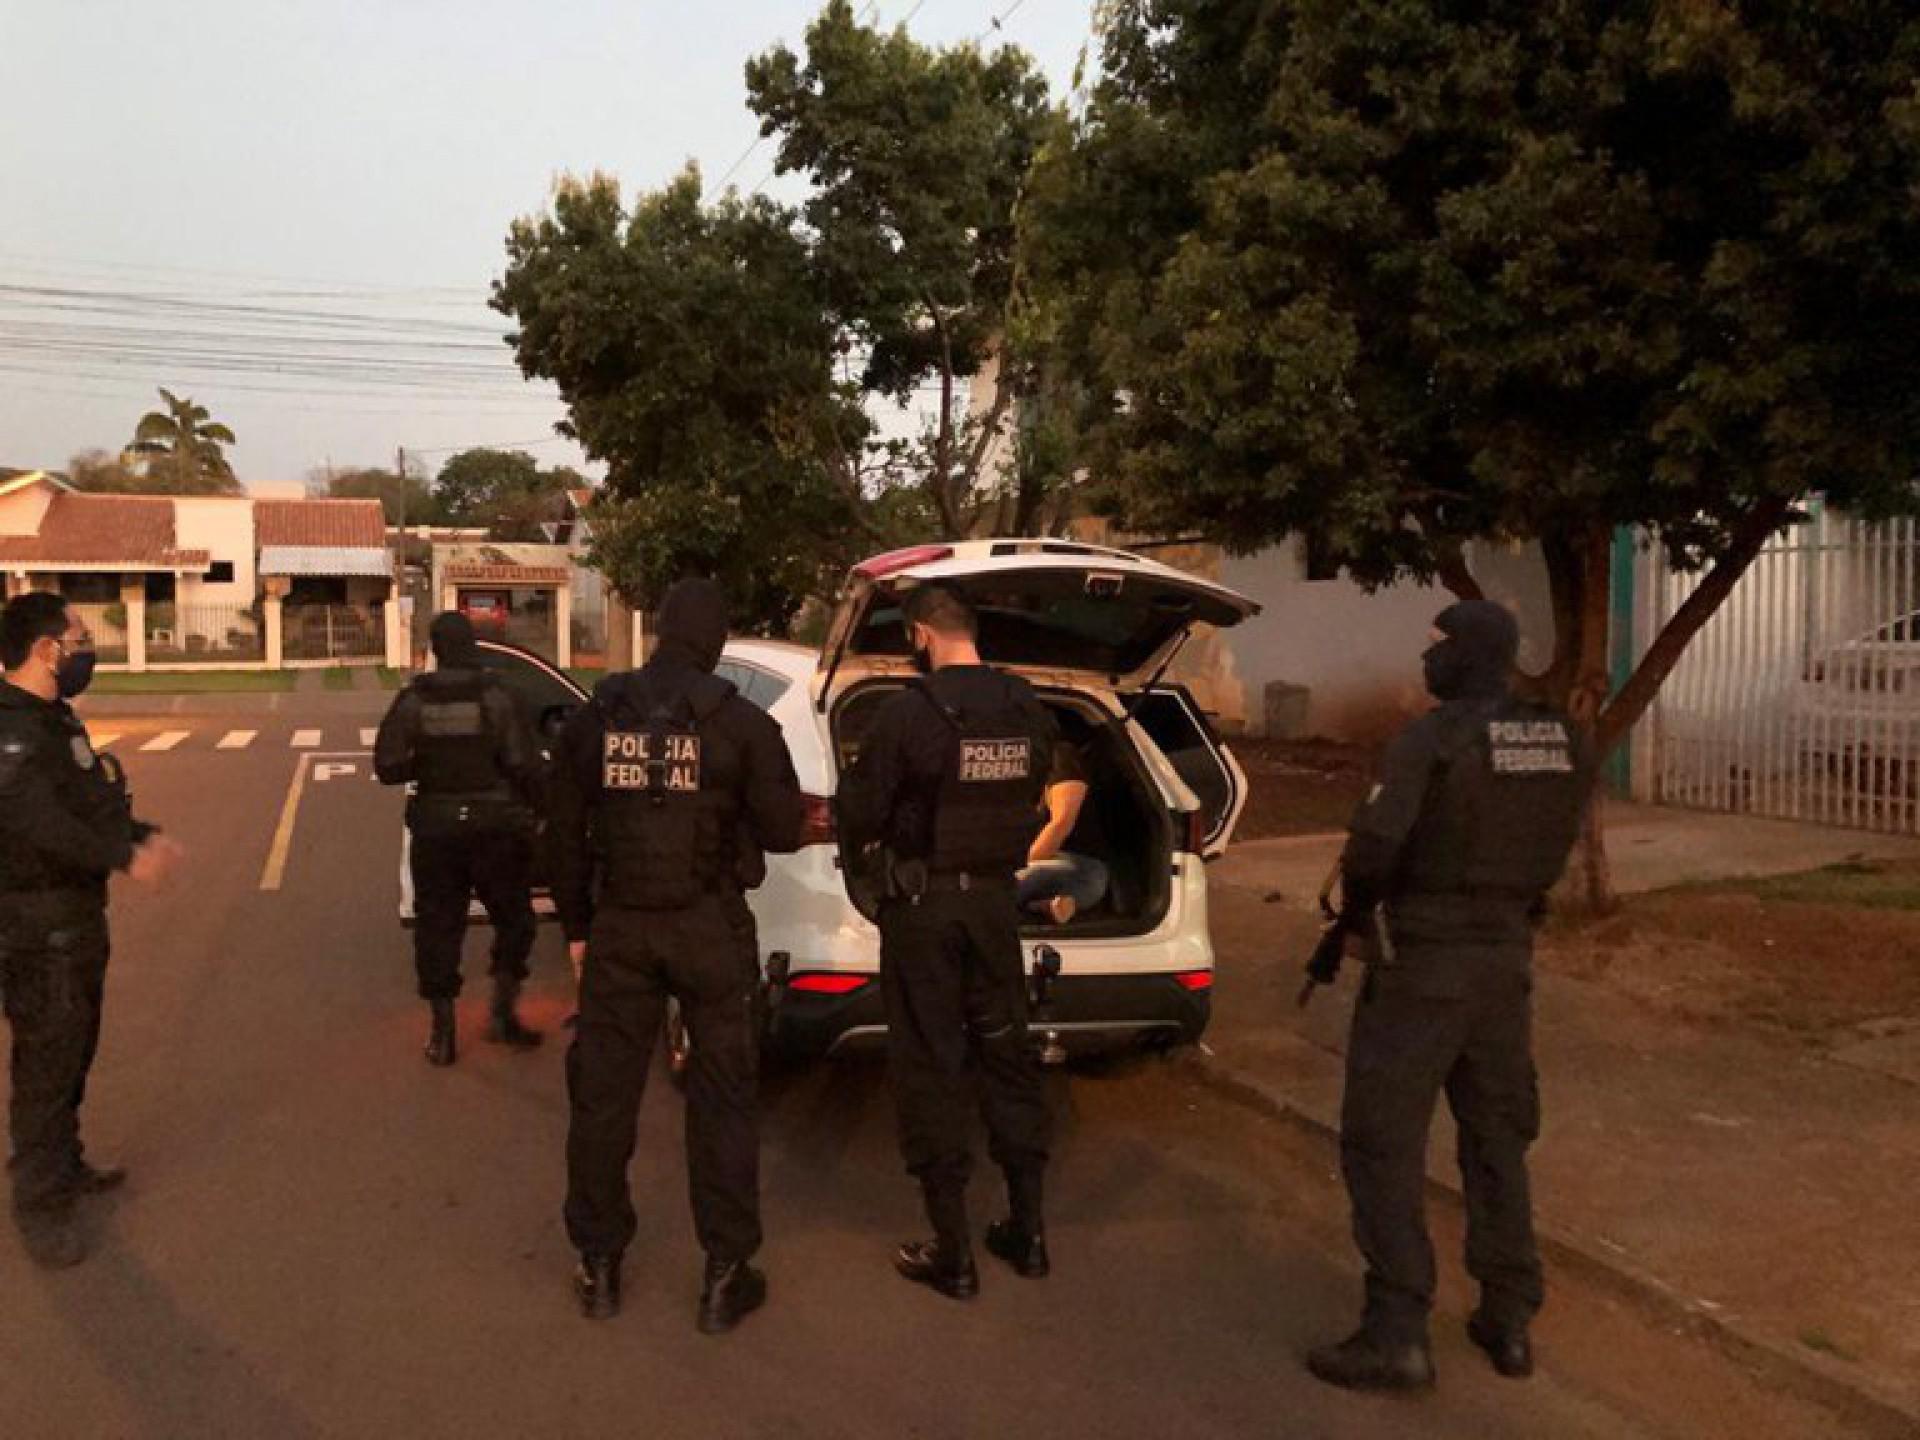 CERCA DE 1.100 policiais federais foram mobilizados para o cumprimento de 623 ordens judiciais